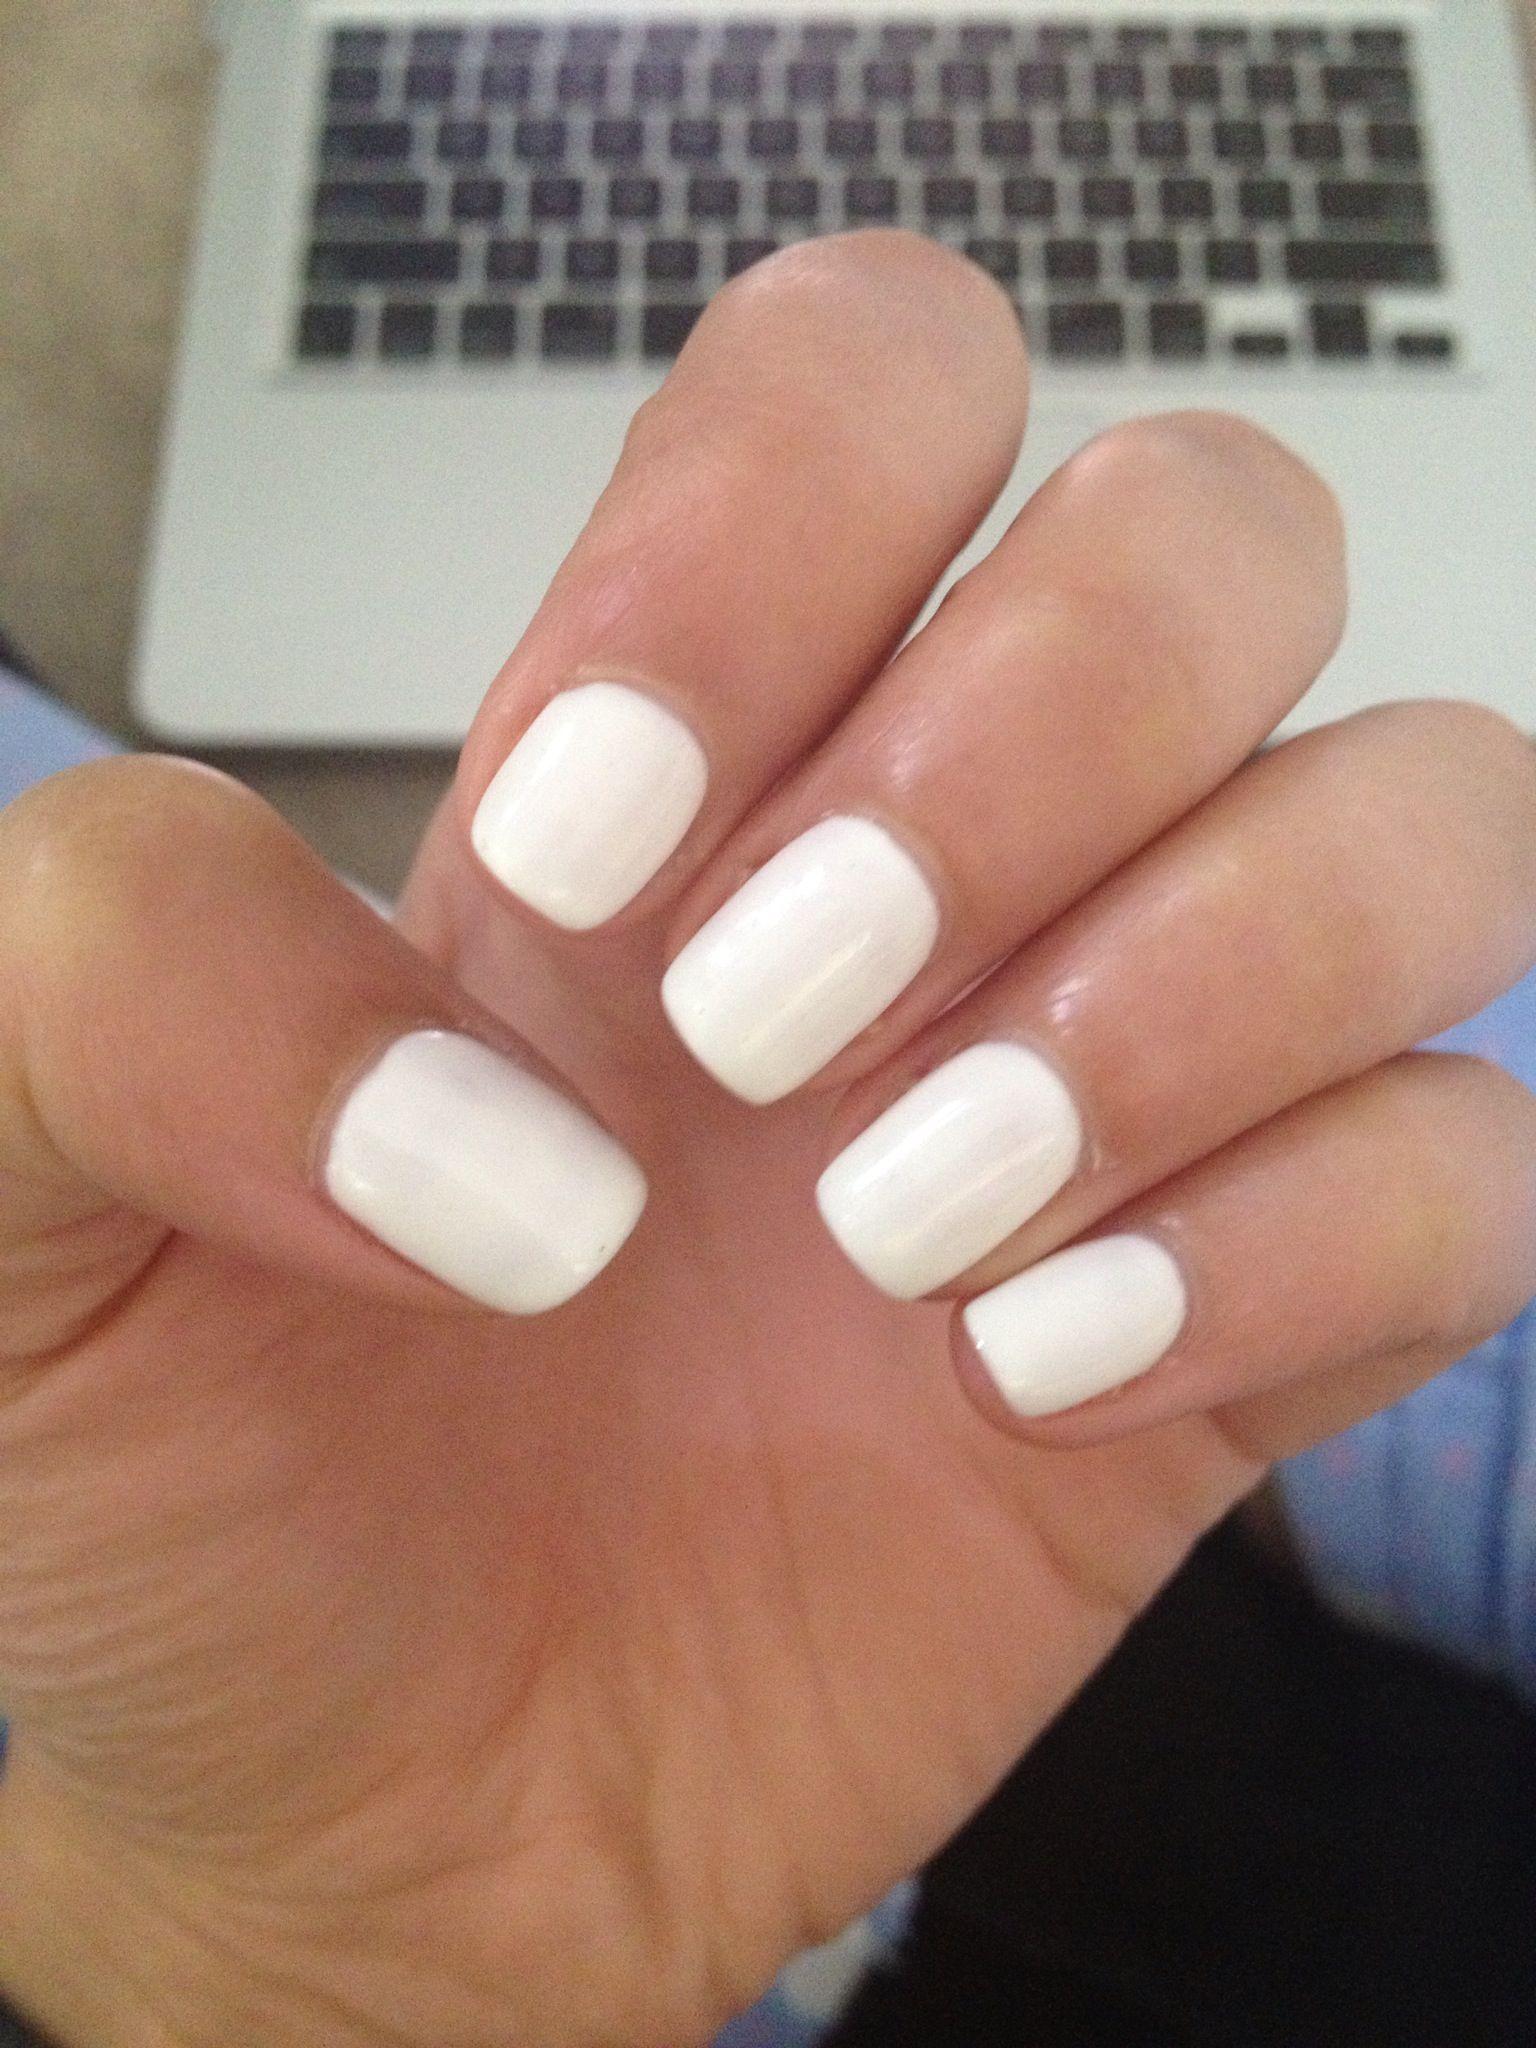 Shellac White Nails Nails By Me White Shellac Nails Shellac Manicure White Manicure